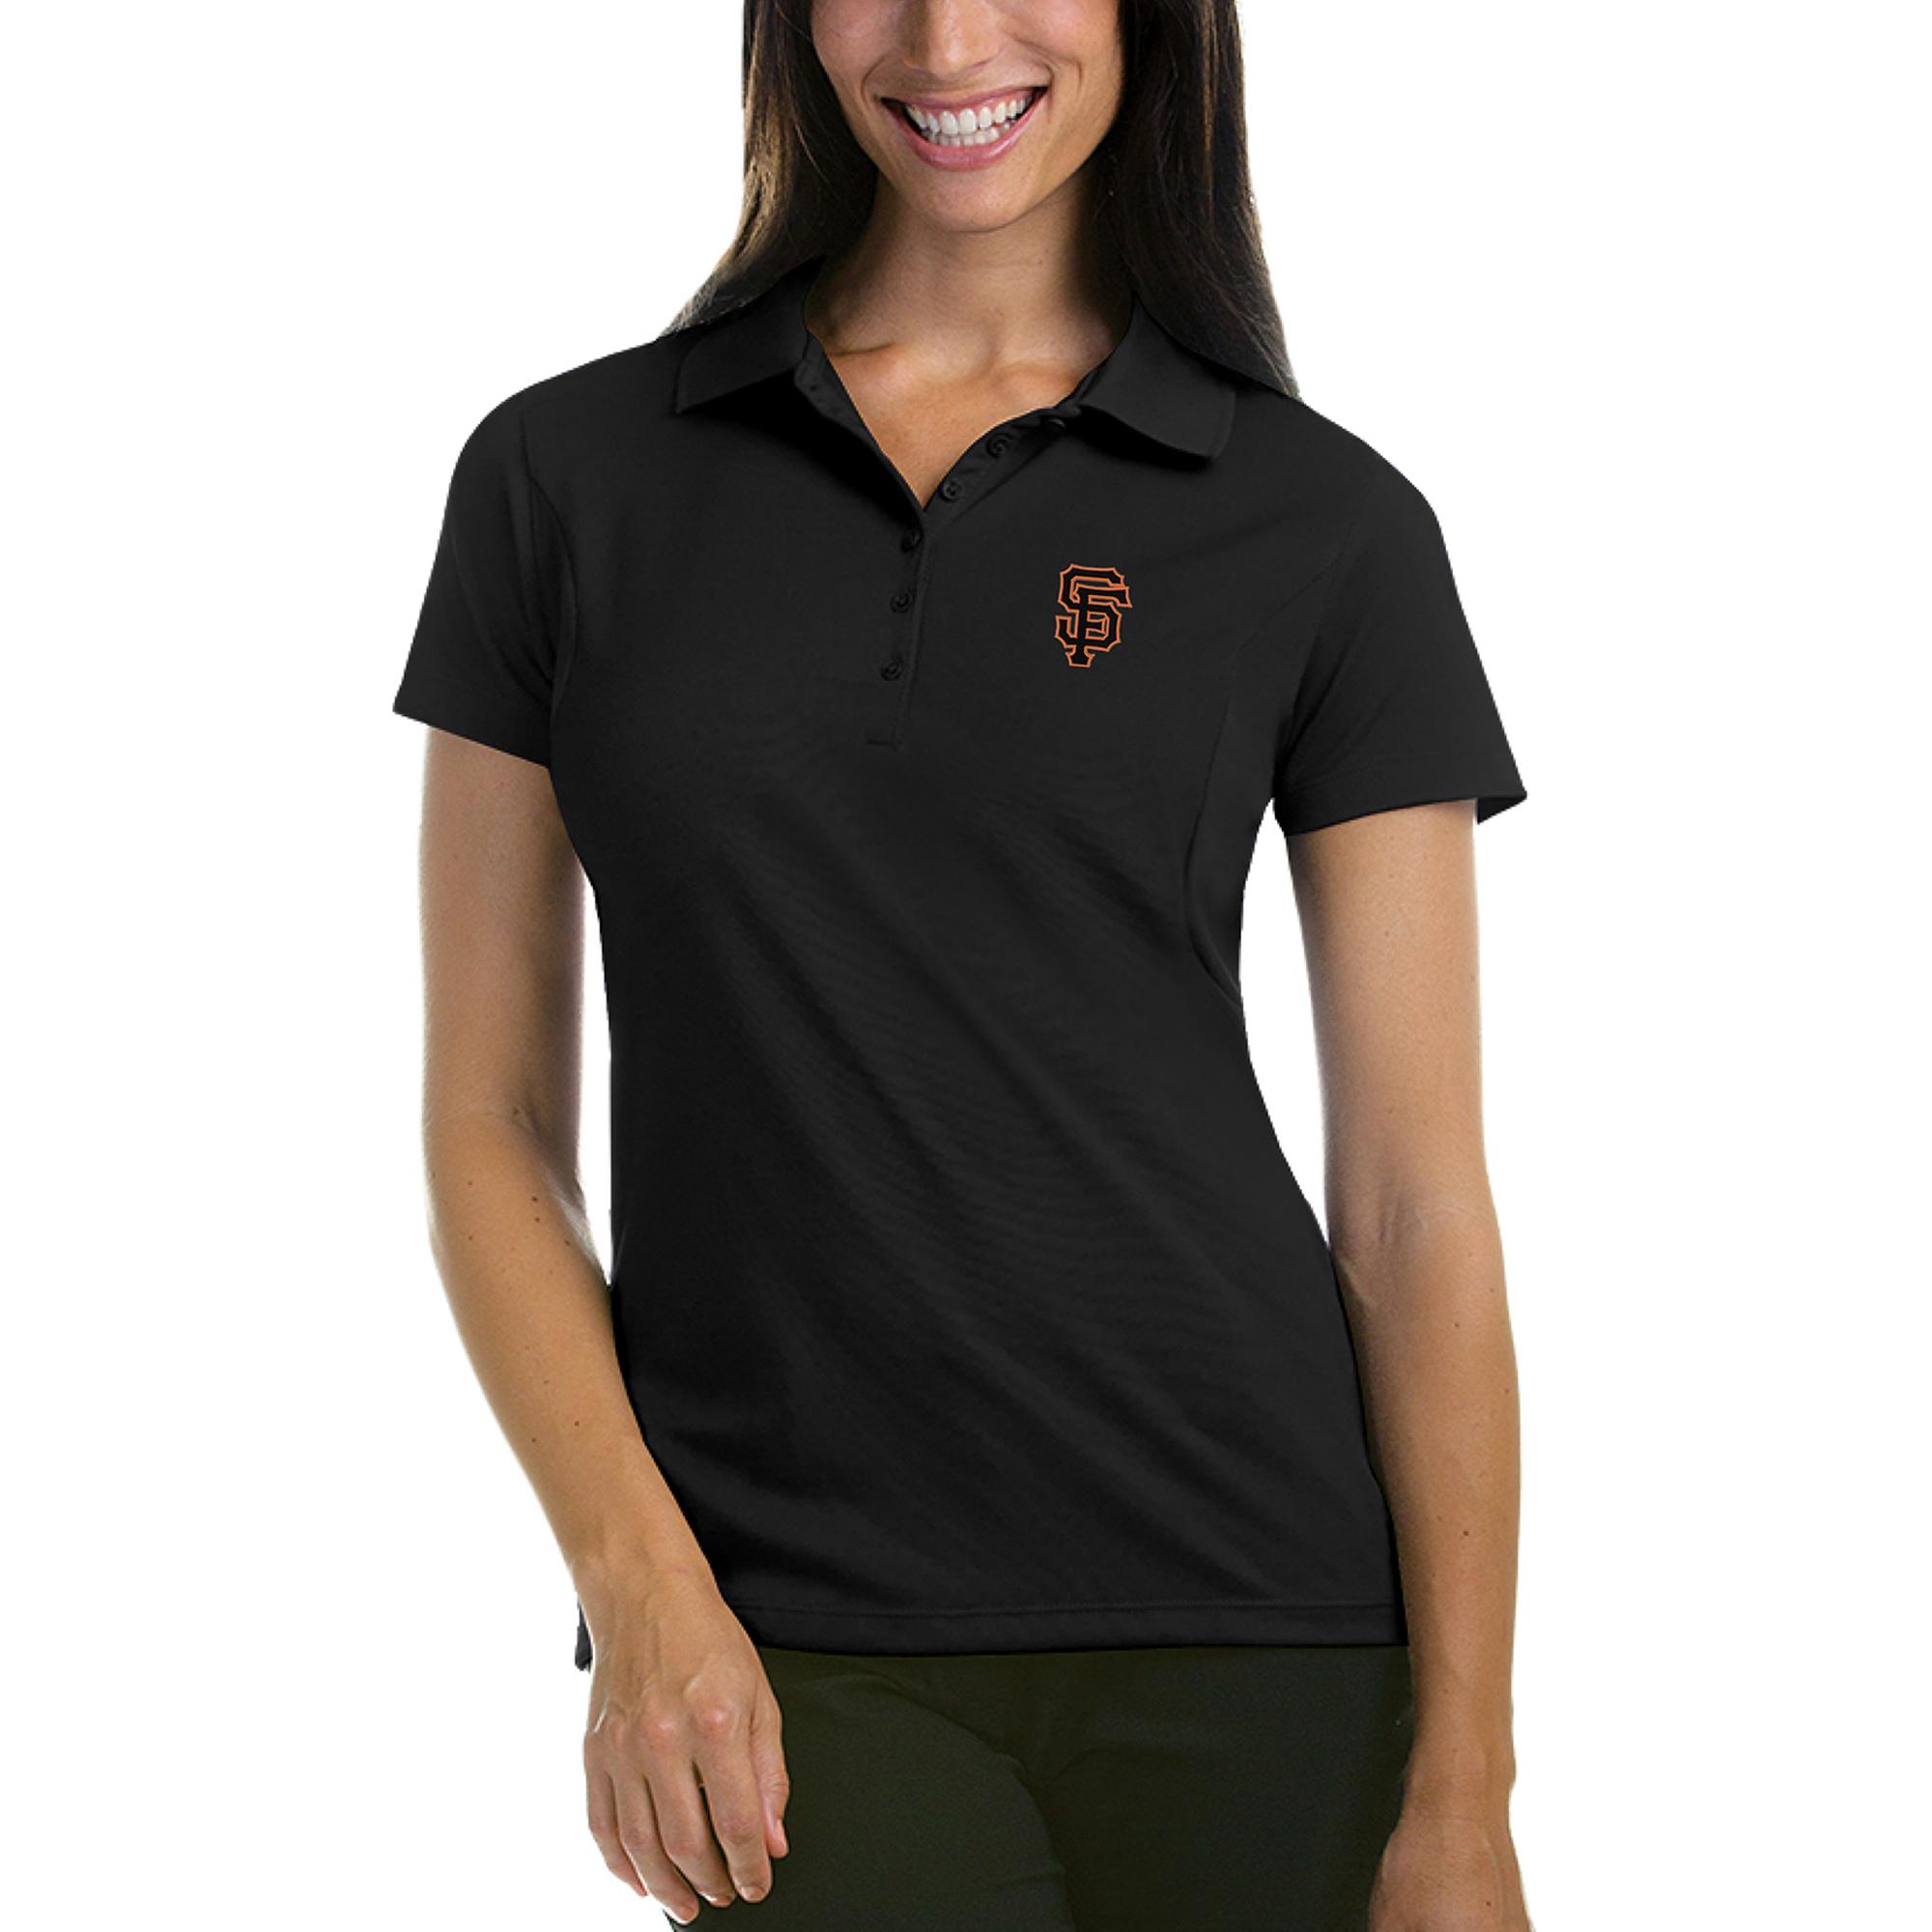 San Francisco Giants Antigua Women's Pique Xtra-Lite Polo - Black